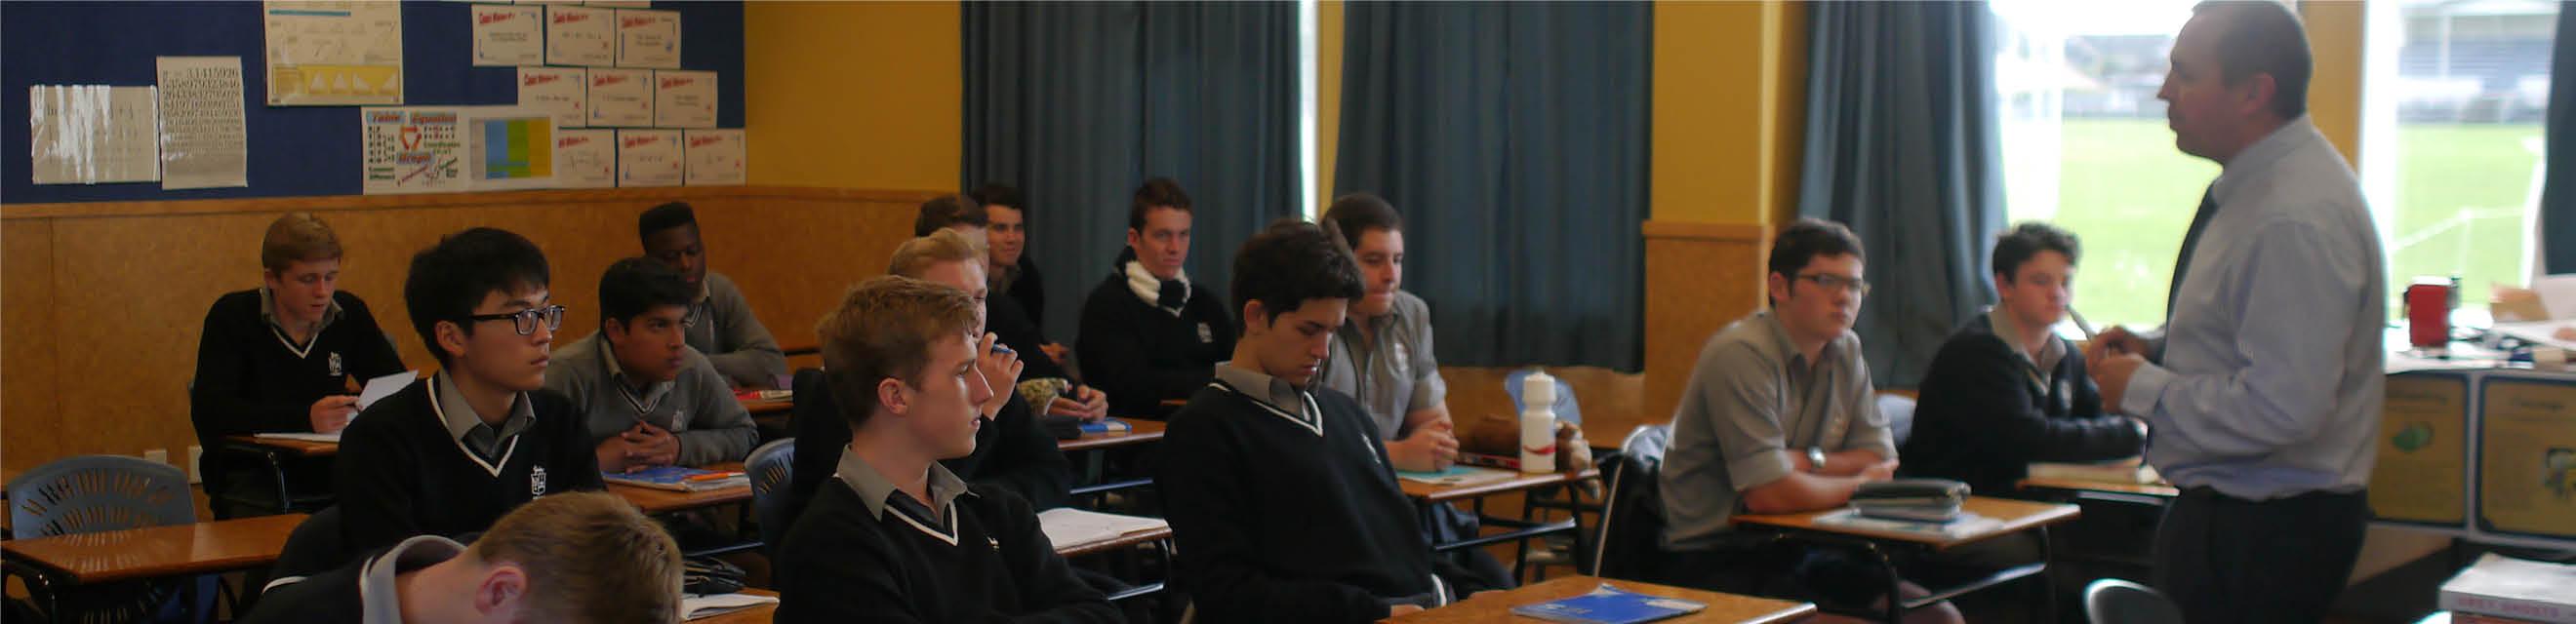 ニュージーランド 中学 高校留学のプレミアム・エデュケーション04